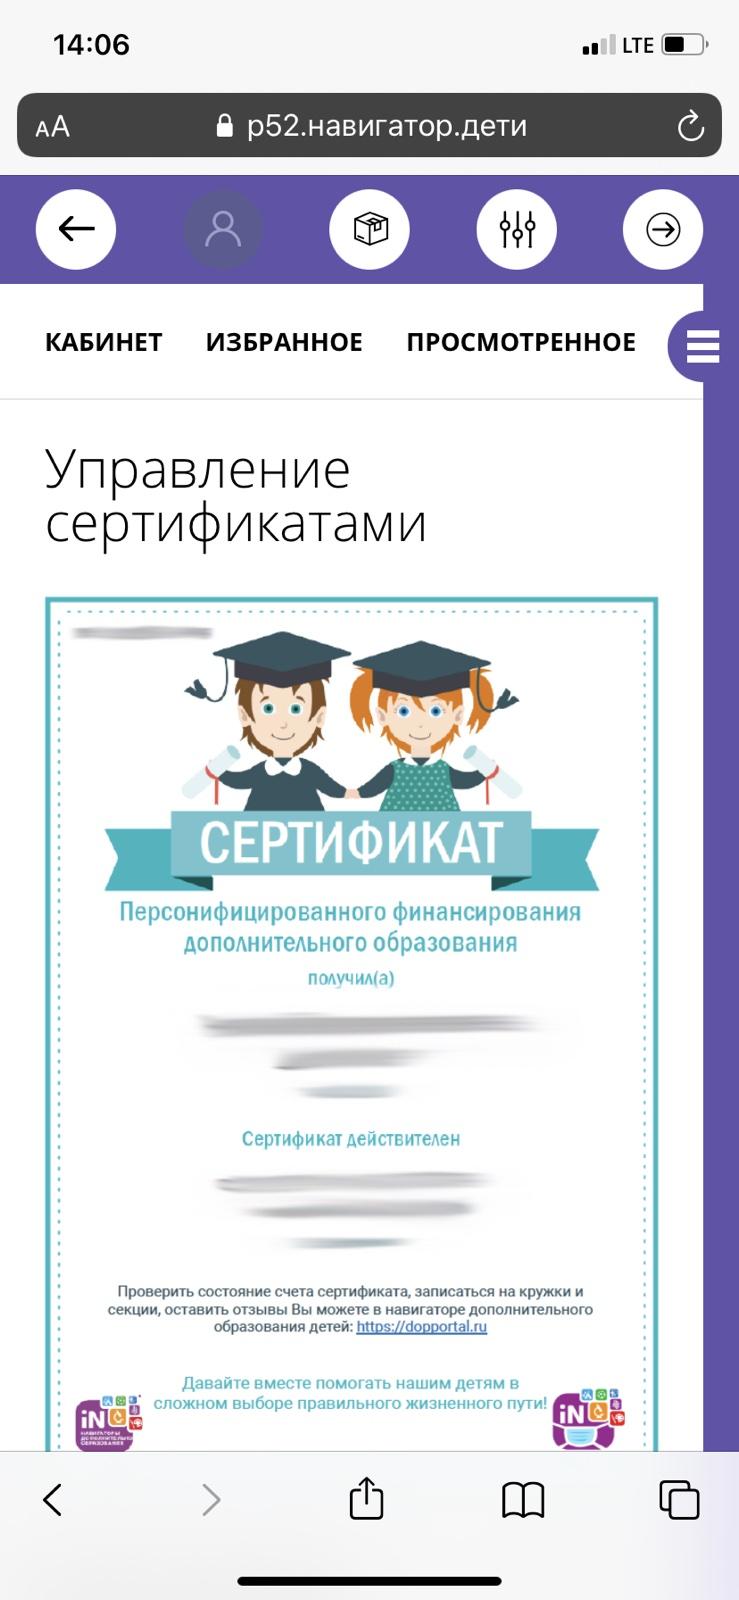 http://cdt-leninskii.ucoz.net/ART-DESIGN/shag_61.jpg